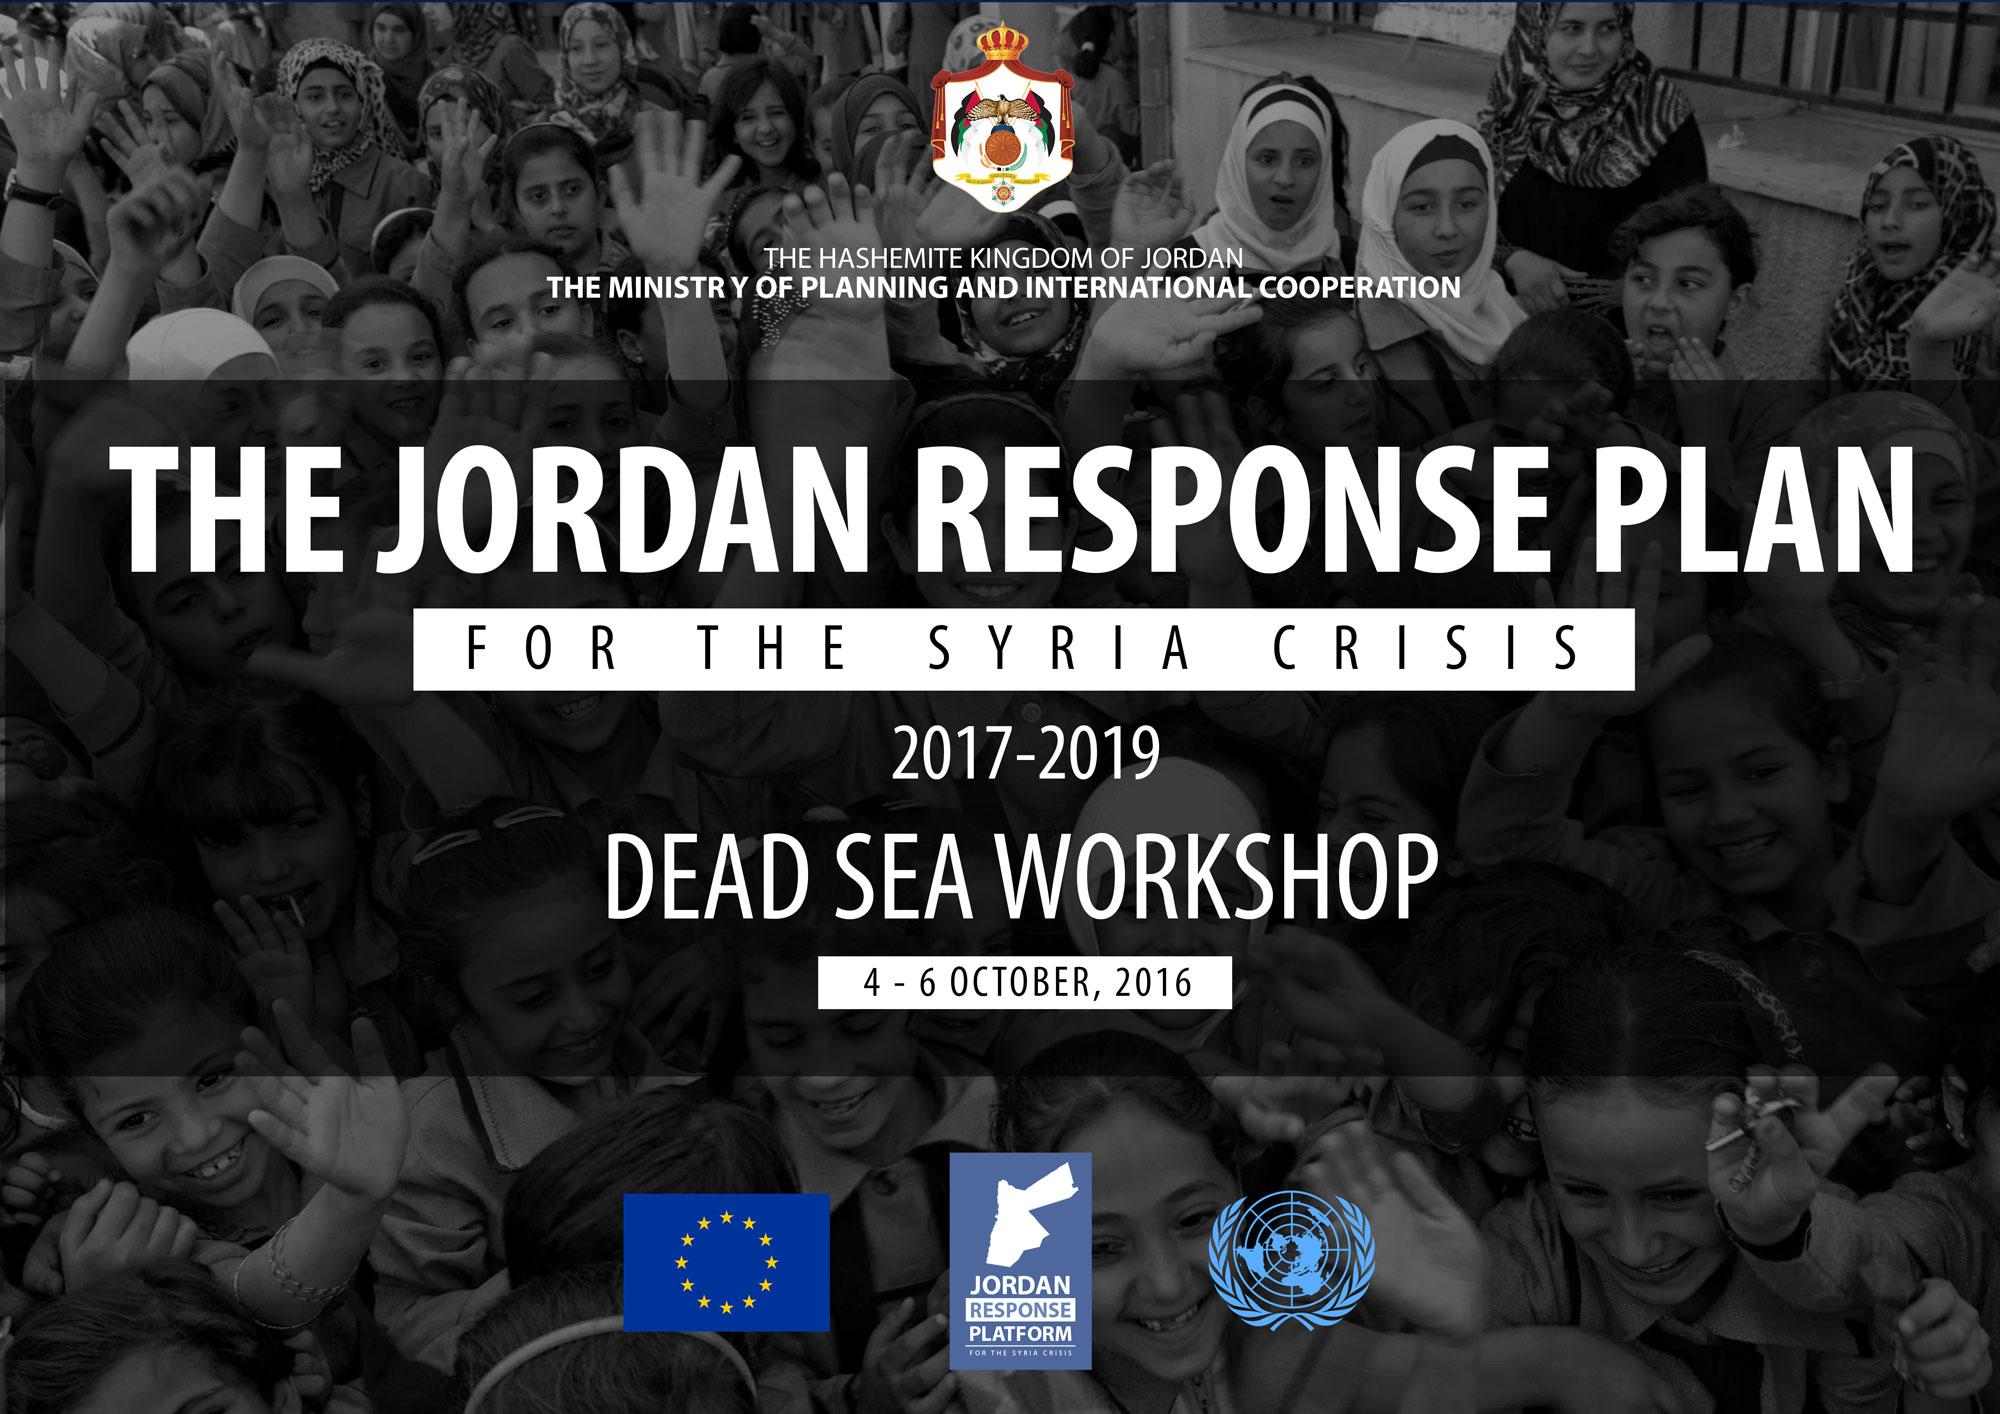 dead_sea_workshop_banner_2.jpg